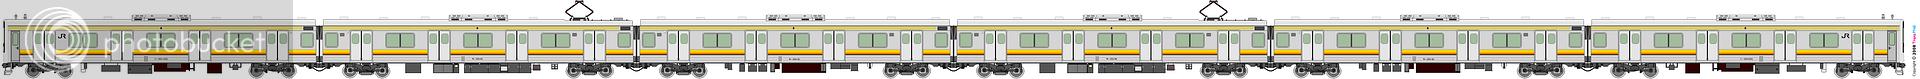 鐵路列車 1969